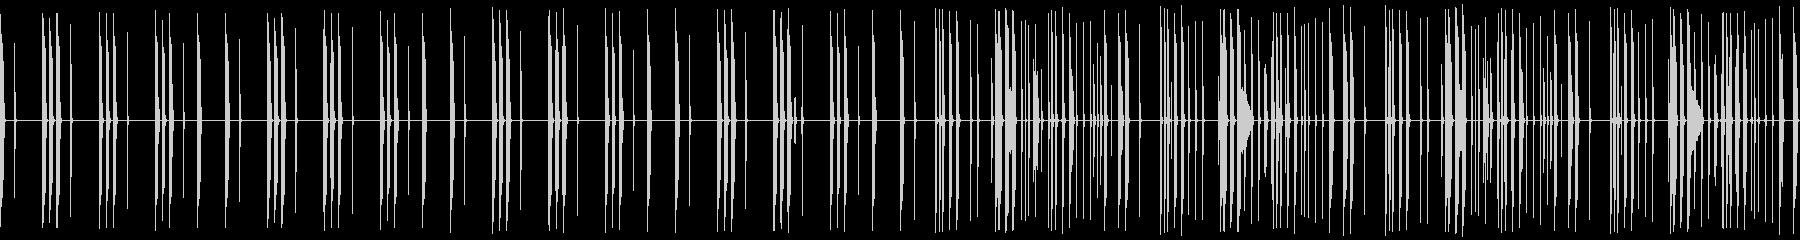 ヒップホップ/ヘビー/ドラムループ/#4の未再生の波形